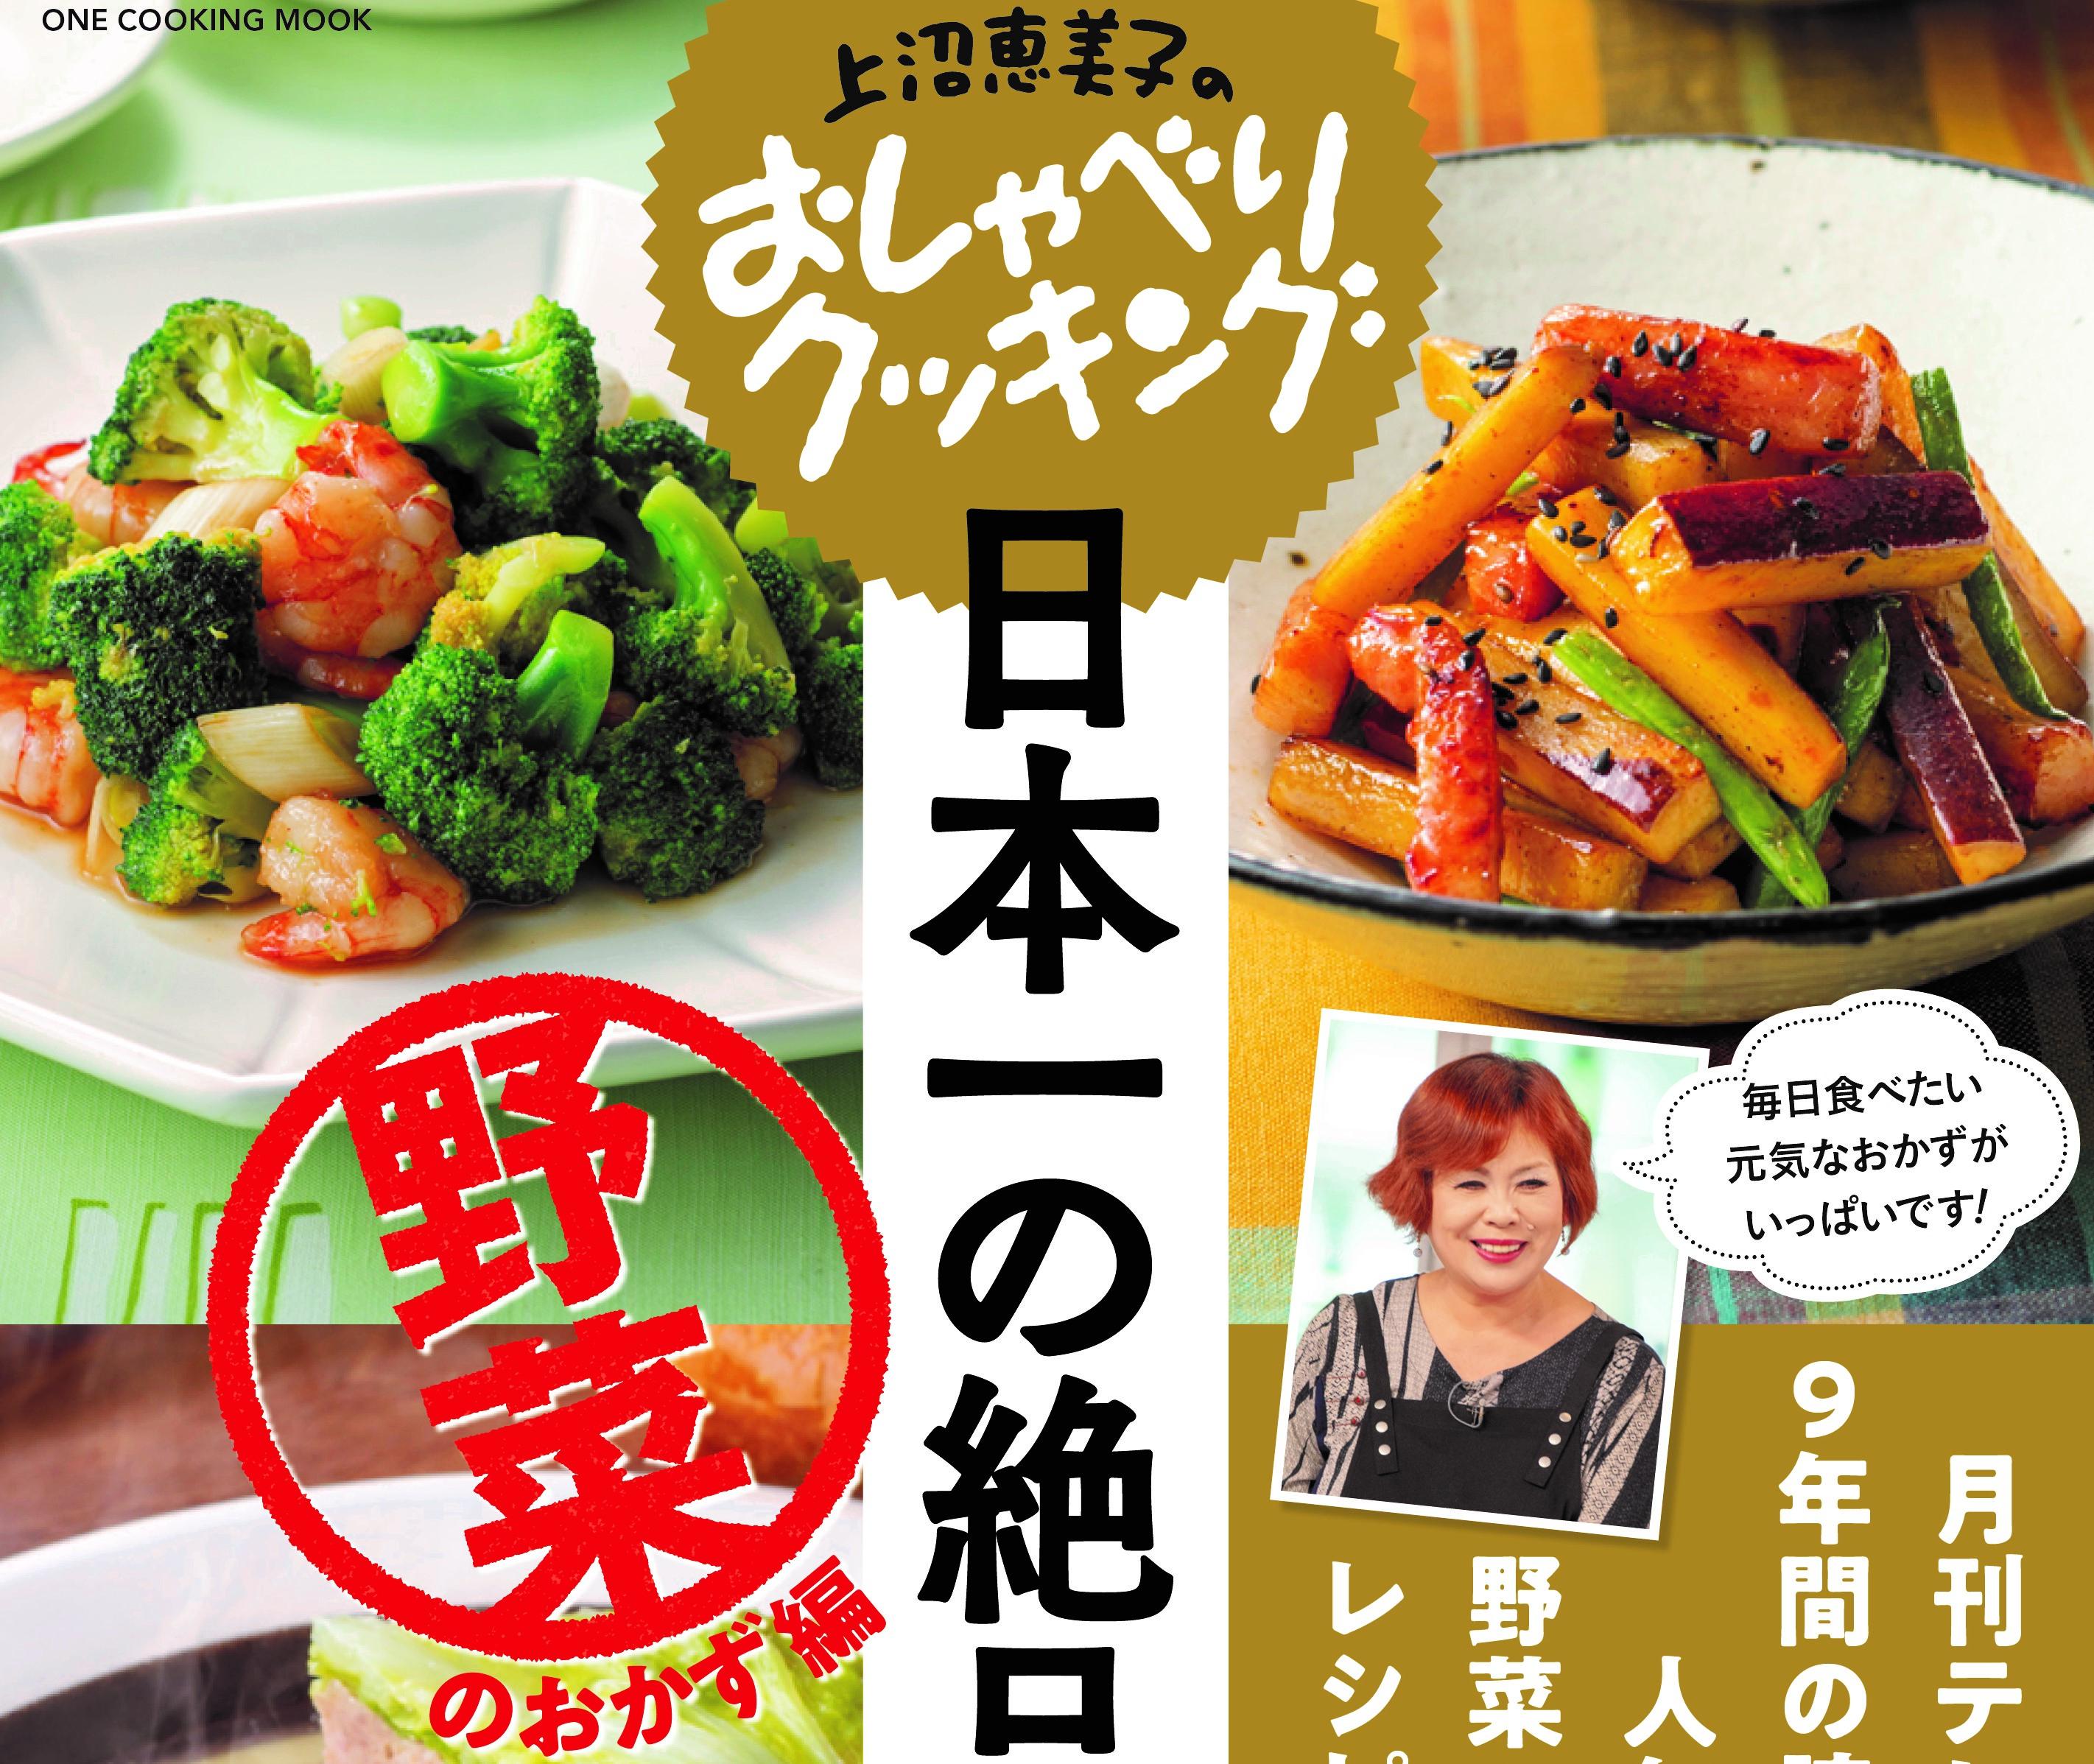 【おしゃべりクッキング・393】MOOK日本一の絶品おかず 野菜のおかず編 発売!